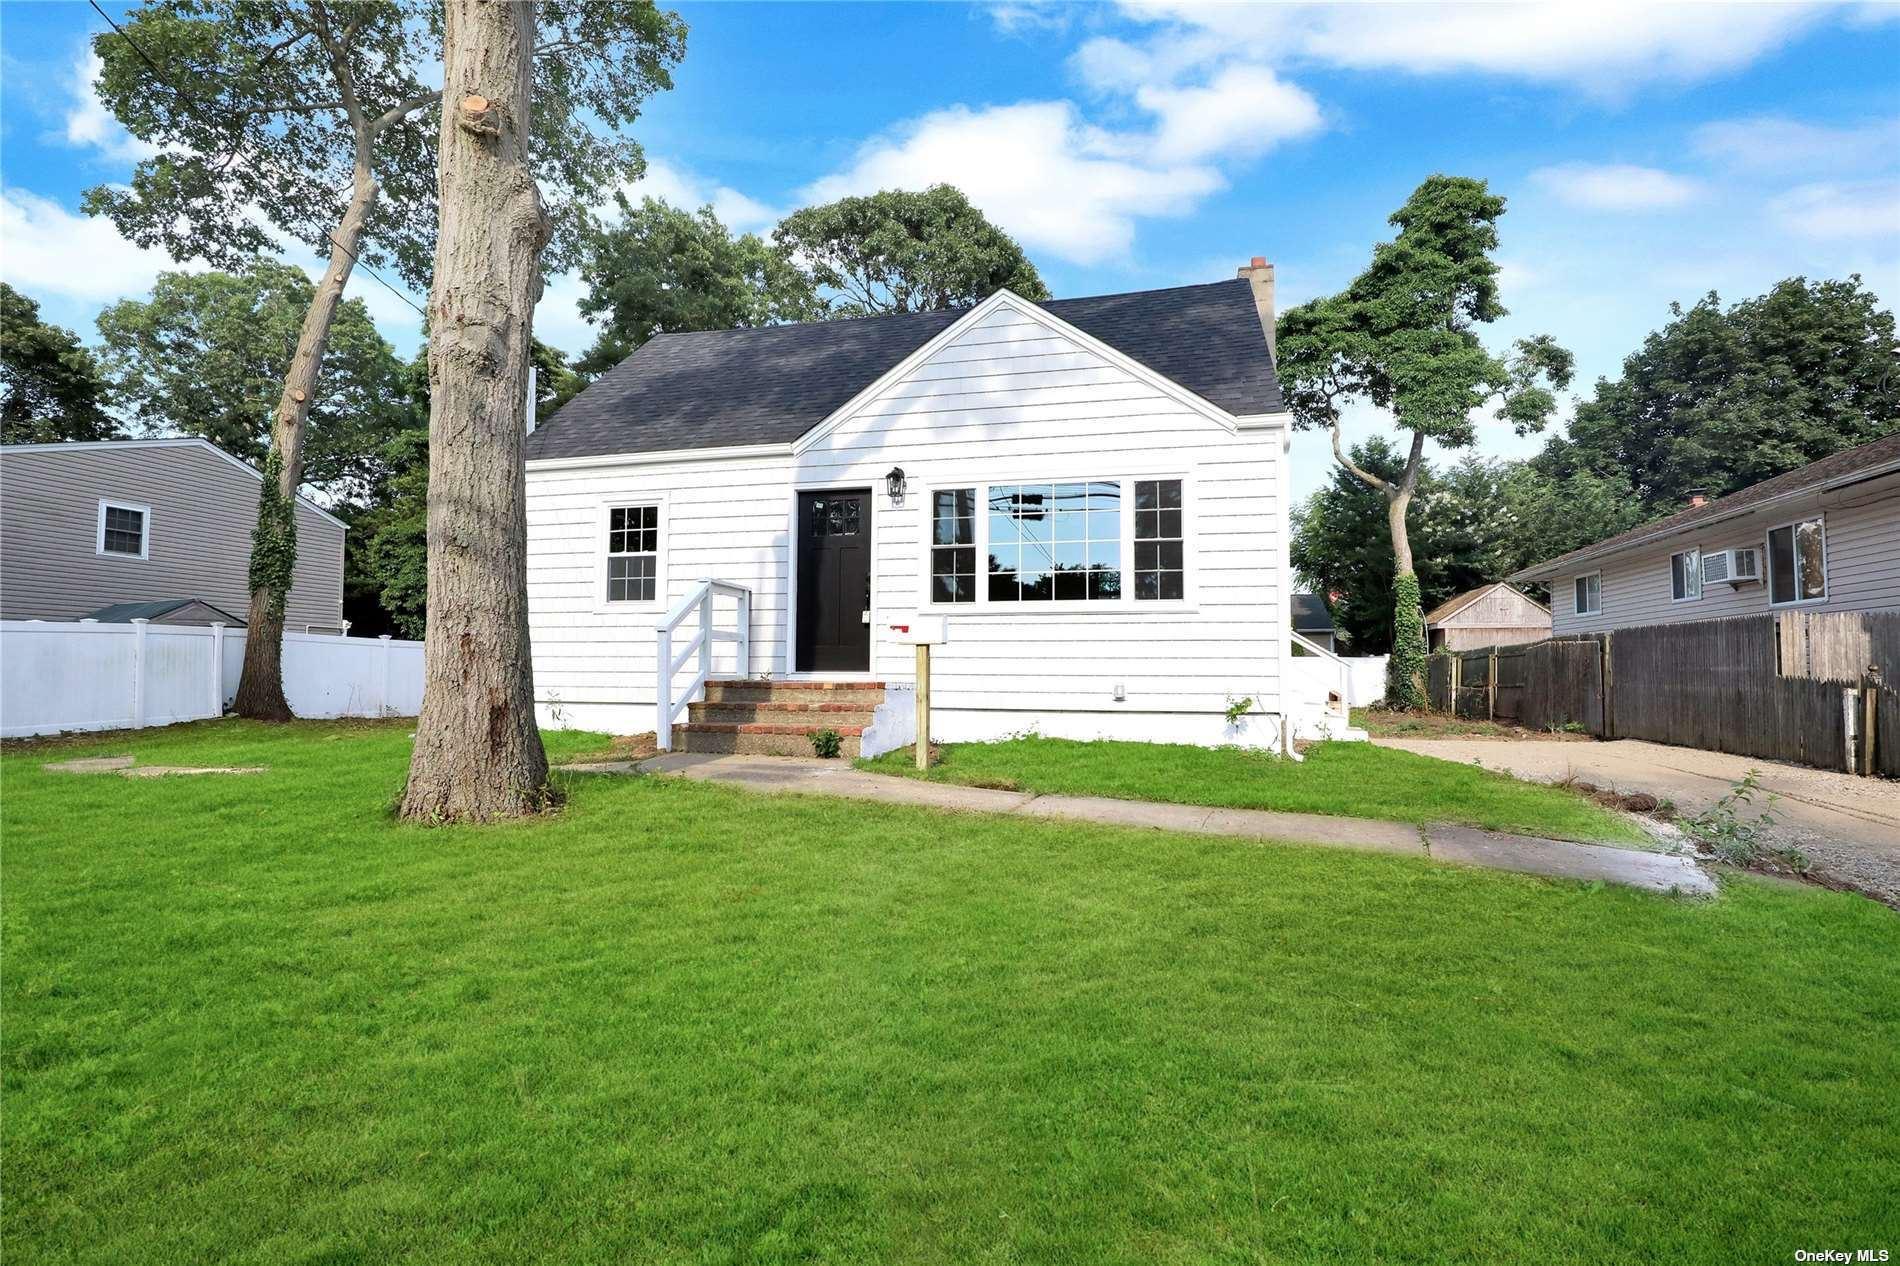 424 Oak Neck Rd Road, West Islip, NY 11795 - MLS#: 3330223